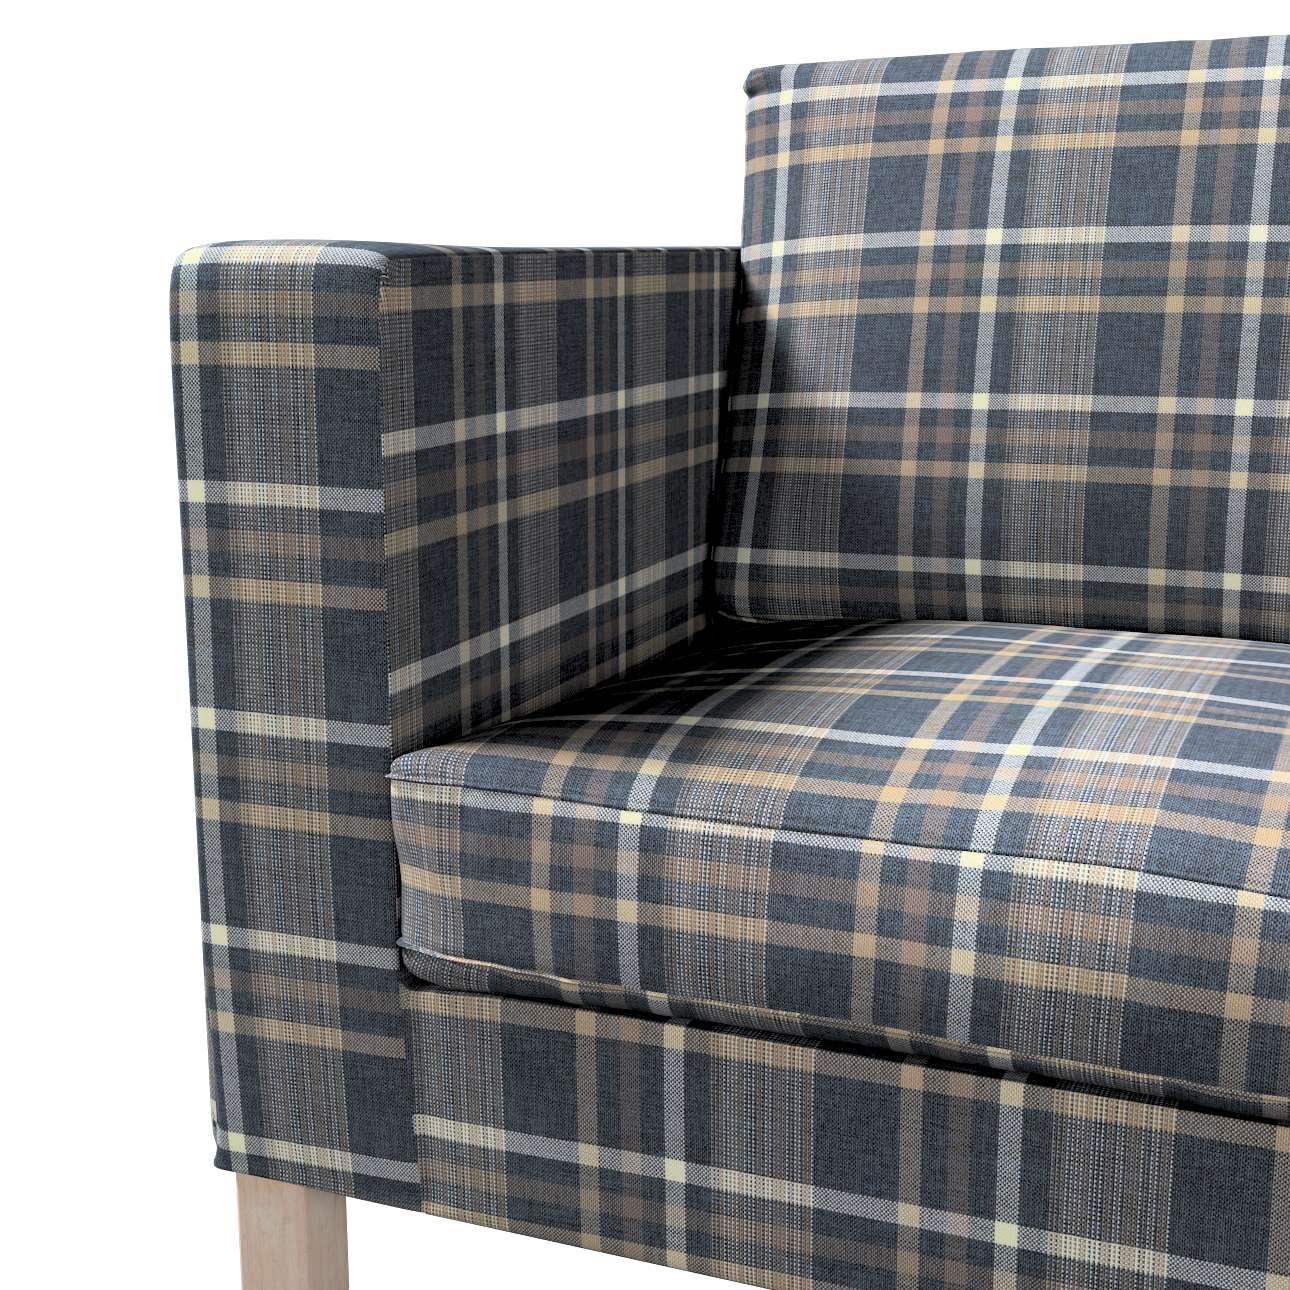 Pokrowiec na sofę Karlanda rozkładaną, krótki w kolekcji Edinburgh, tkanina: 703-16